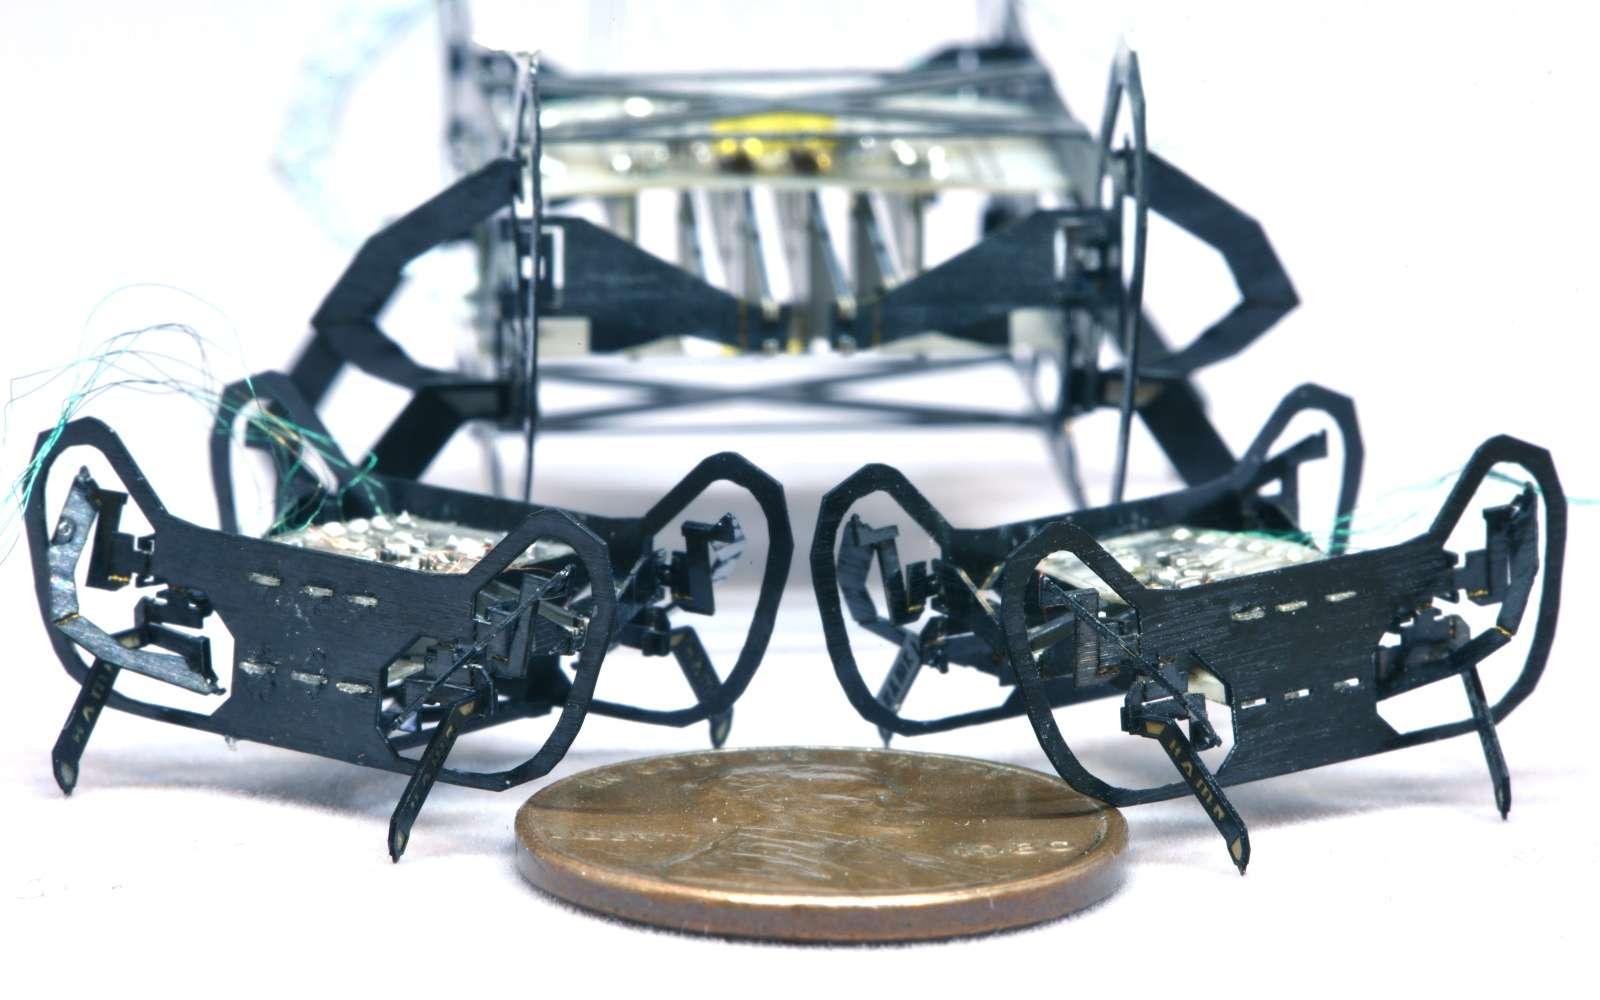 HAMR-Jr est un microrobot créé par des chercheurs de l'université de Harvard, capable d'avancer à 14 fois la longueur de son corps par seconde © Harvard